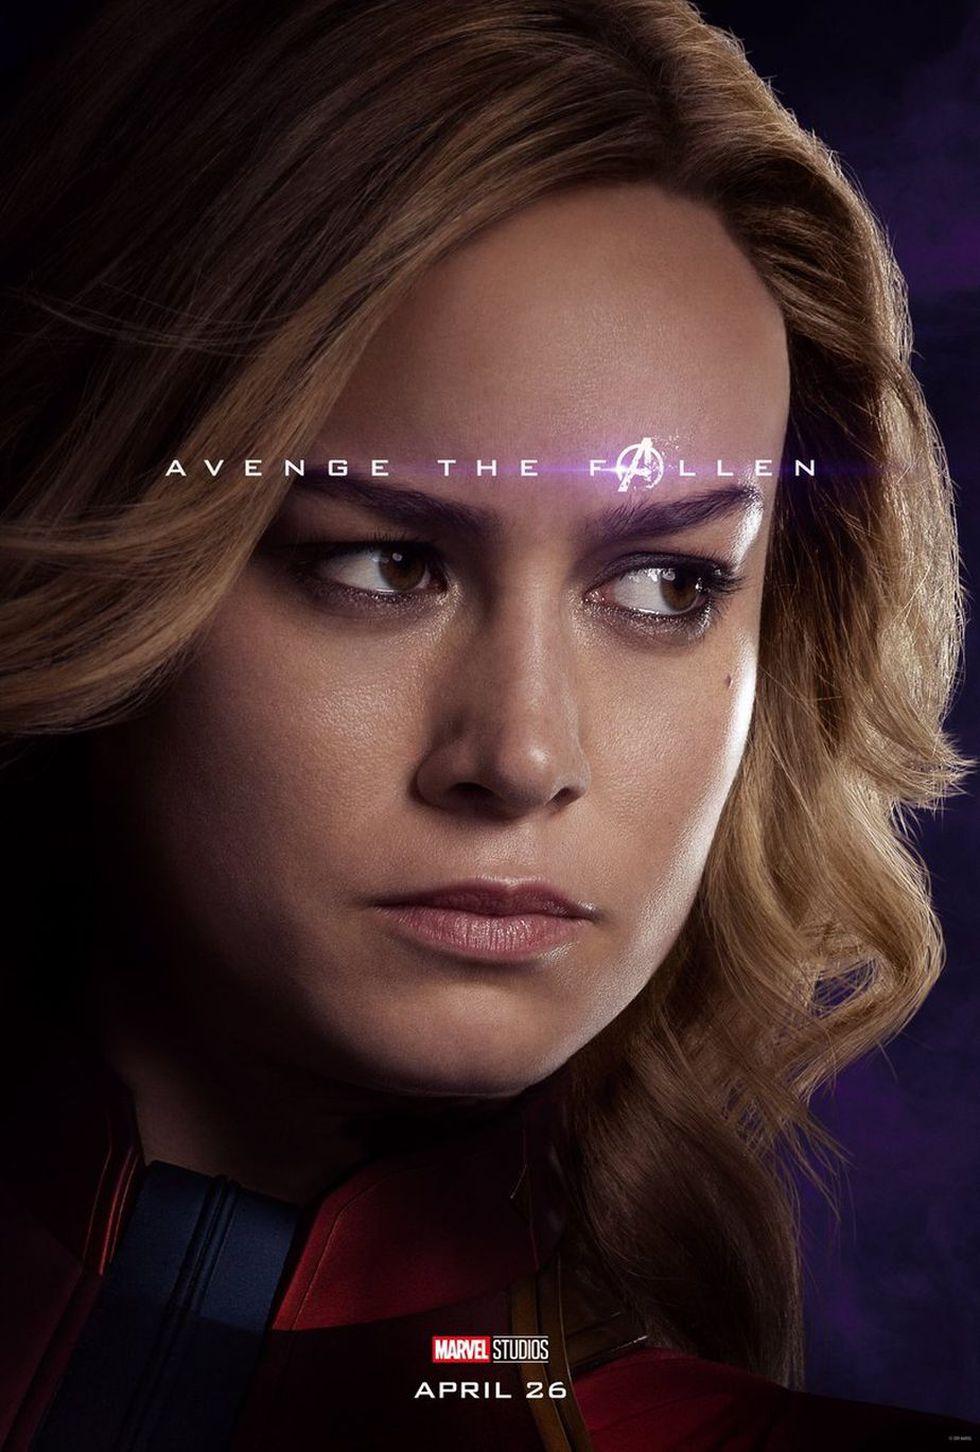 Carol Danvers / Captain Marvel (Foto: Avengers: Endgame / Marvel Studios)